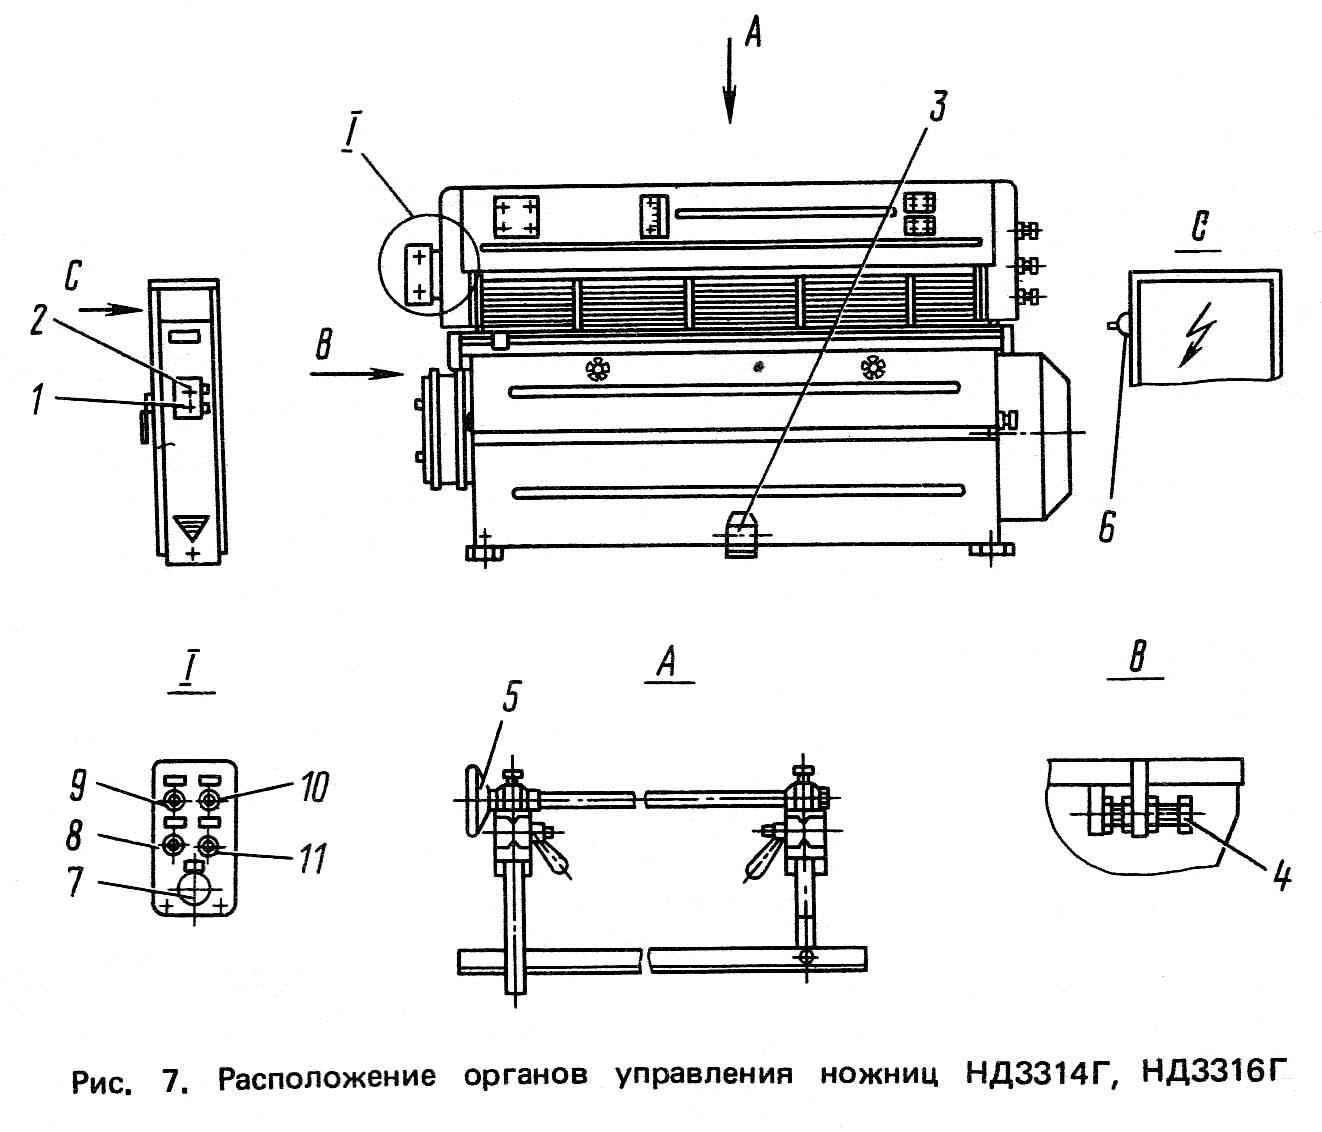 Ножницы кривошипные листовые с наклонным ножом схема